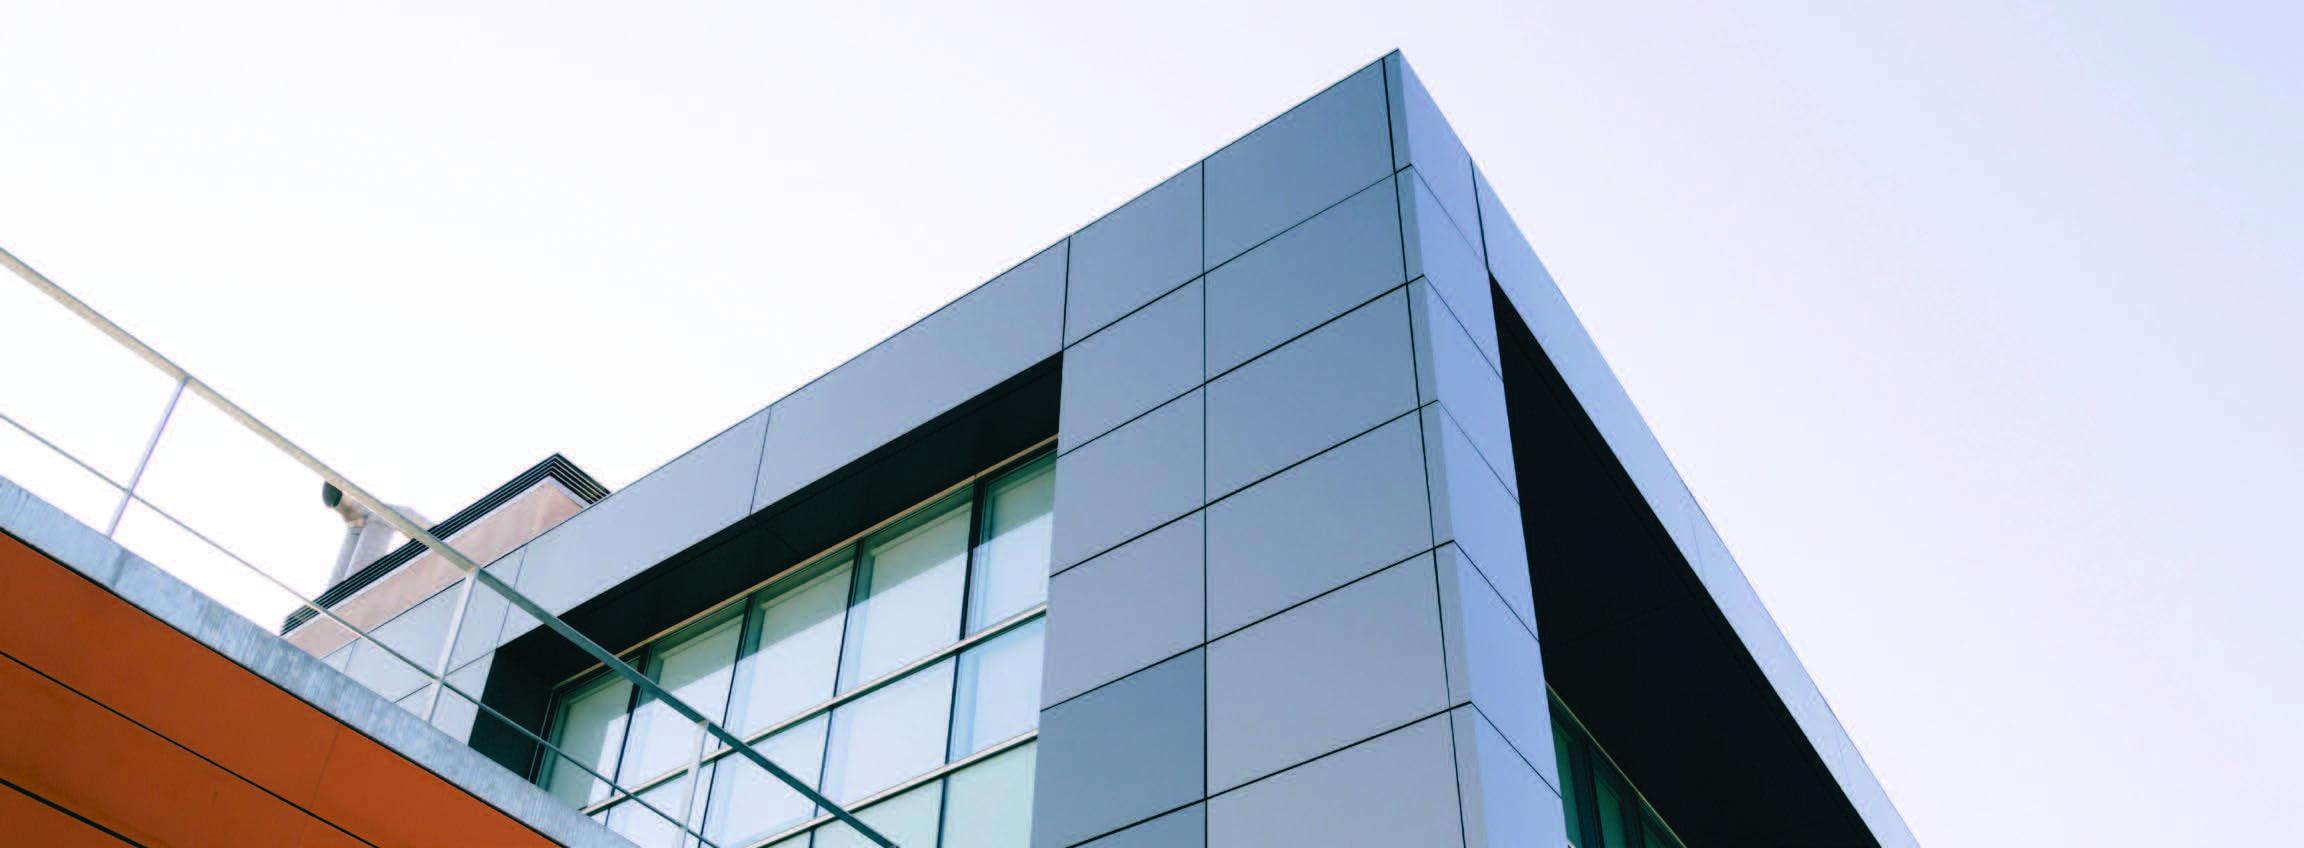 Building with a facade